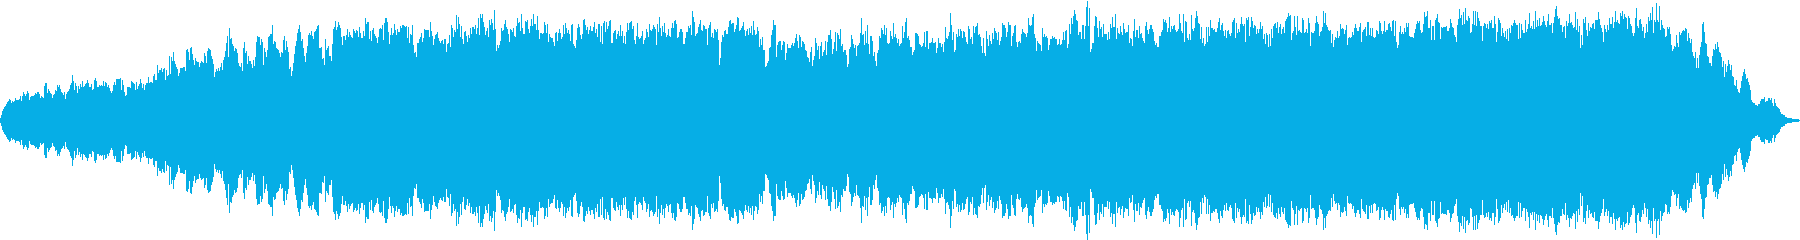 抜本的な電子ダイサースケープドロー...の再生済みの波形